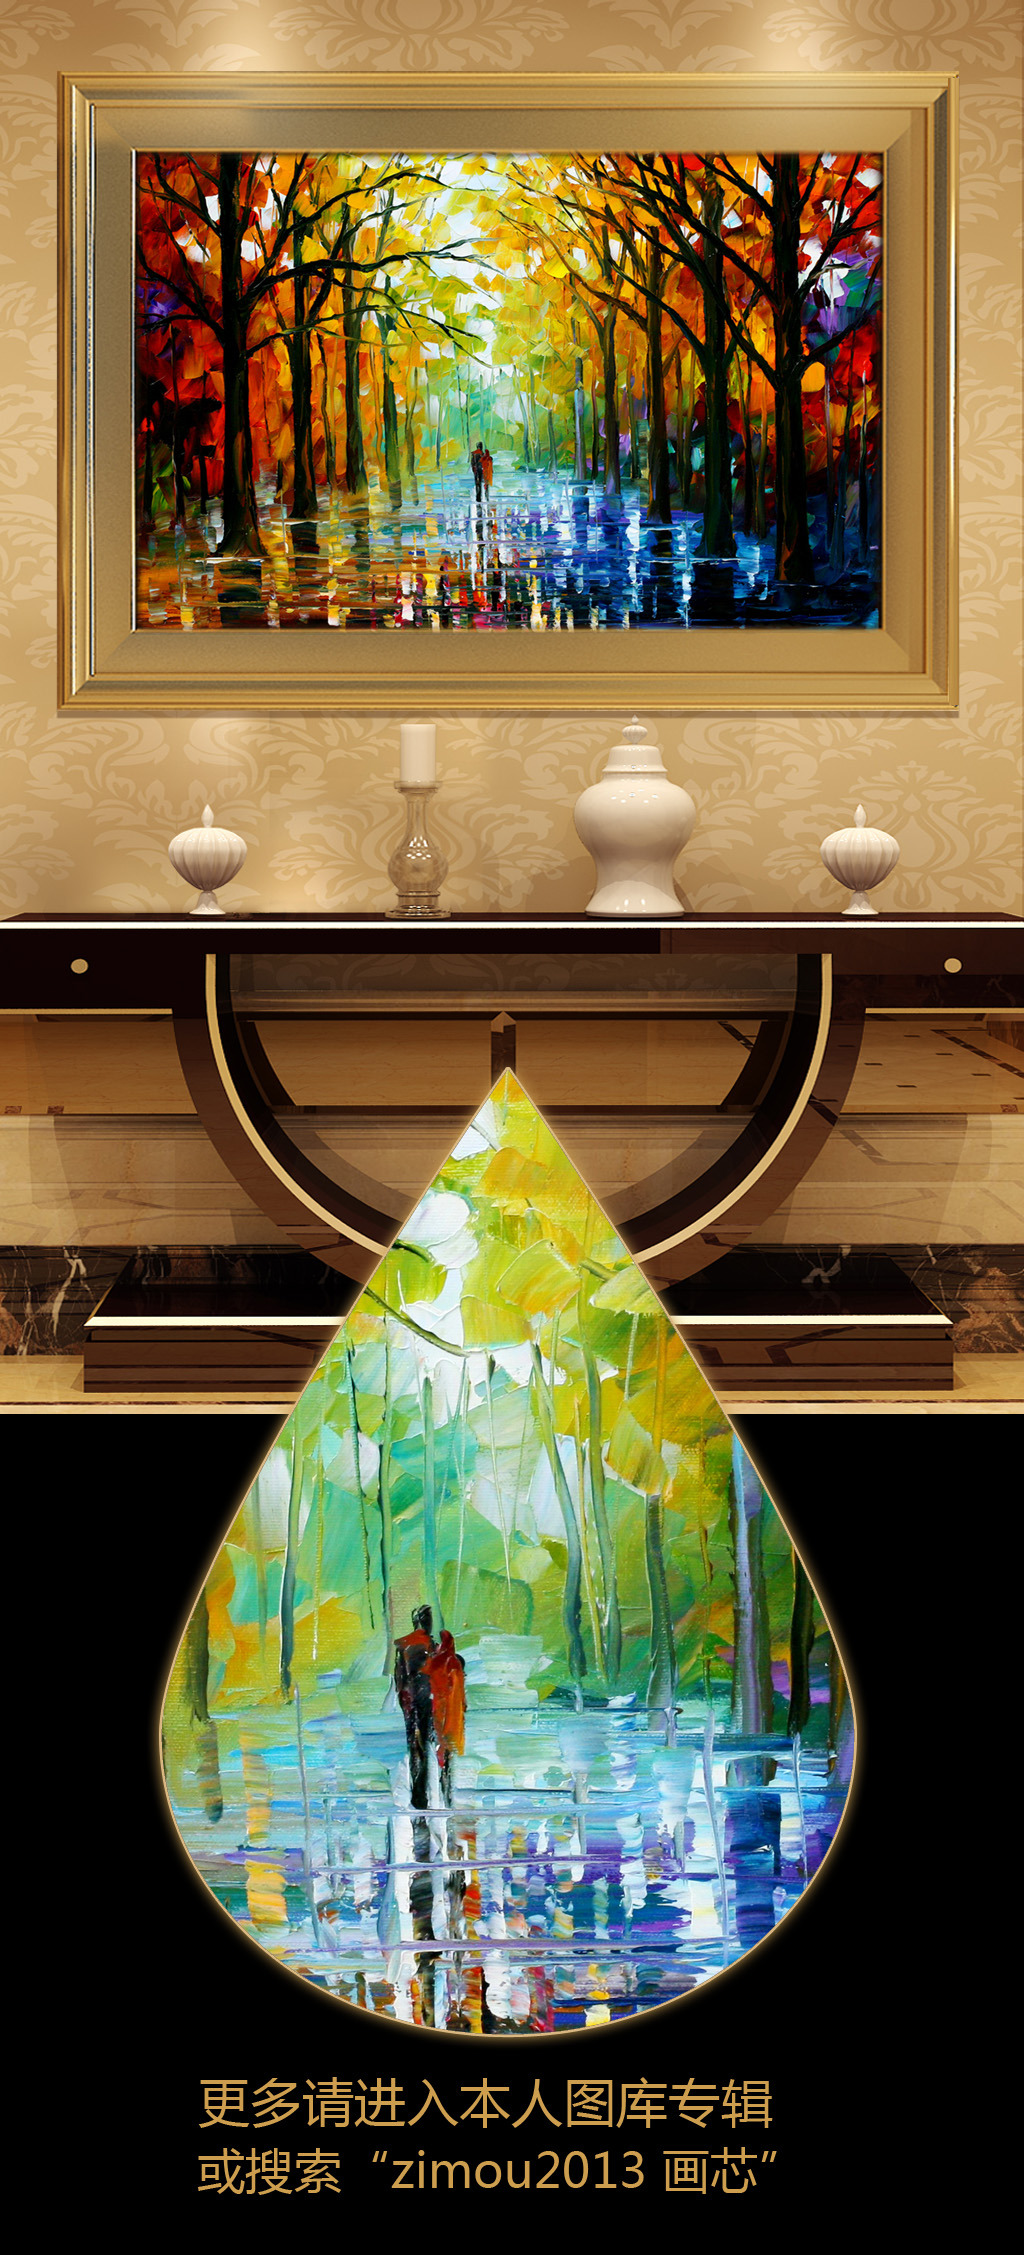 时尚浪漫高清手绘风景油画酒店宾馆工装壁画